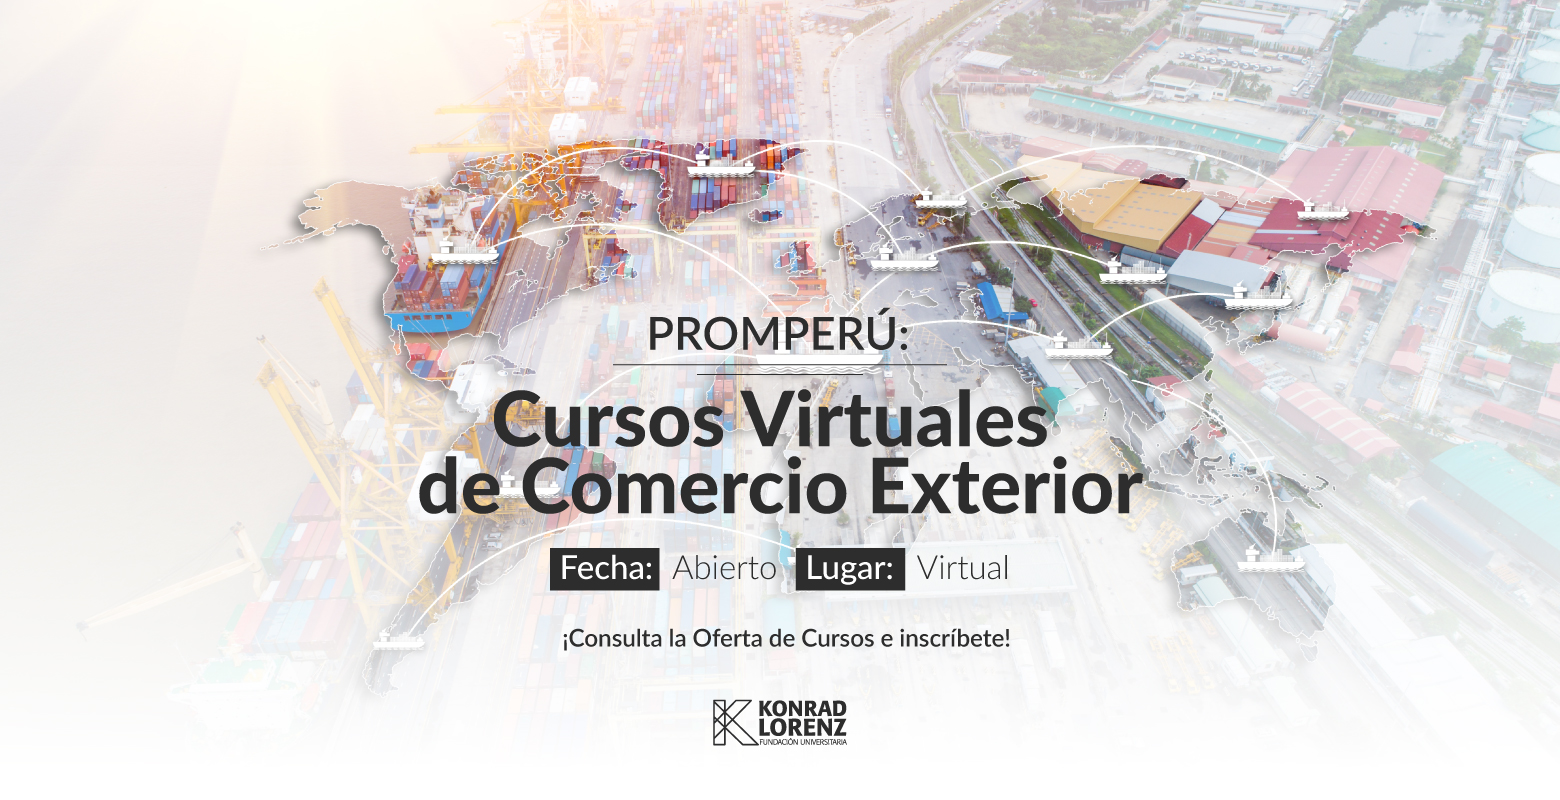 PROMPERÚ: Cursos Virtuales de Comercio Exterior